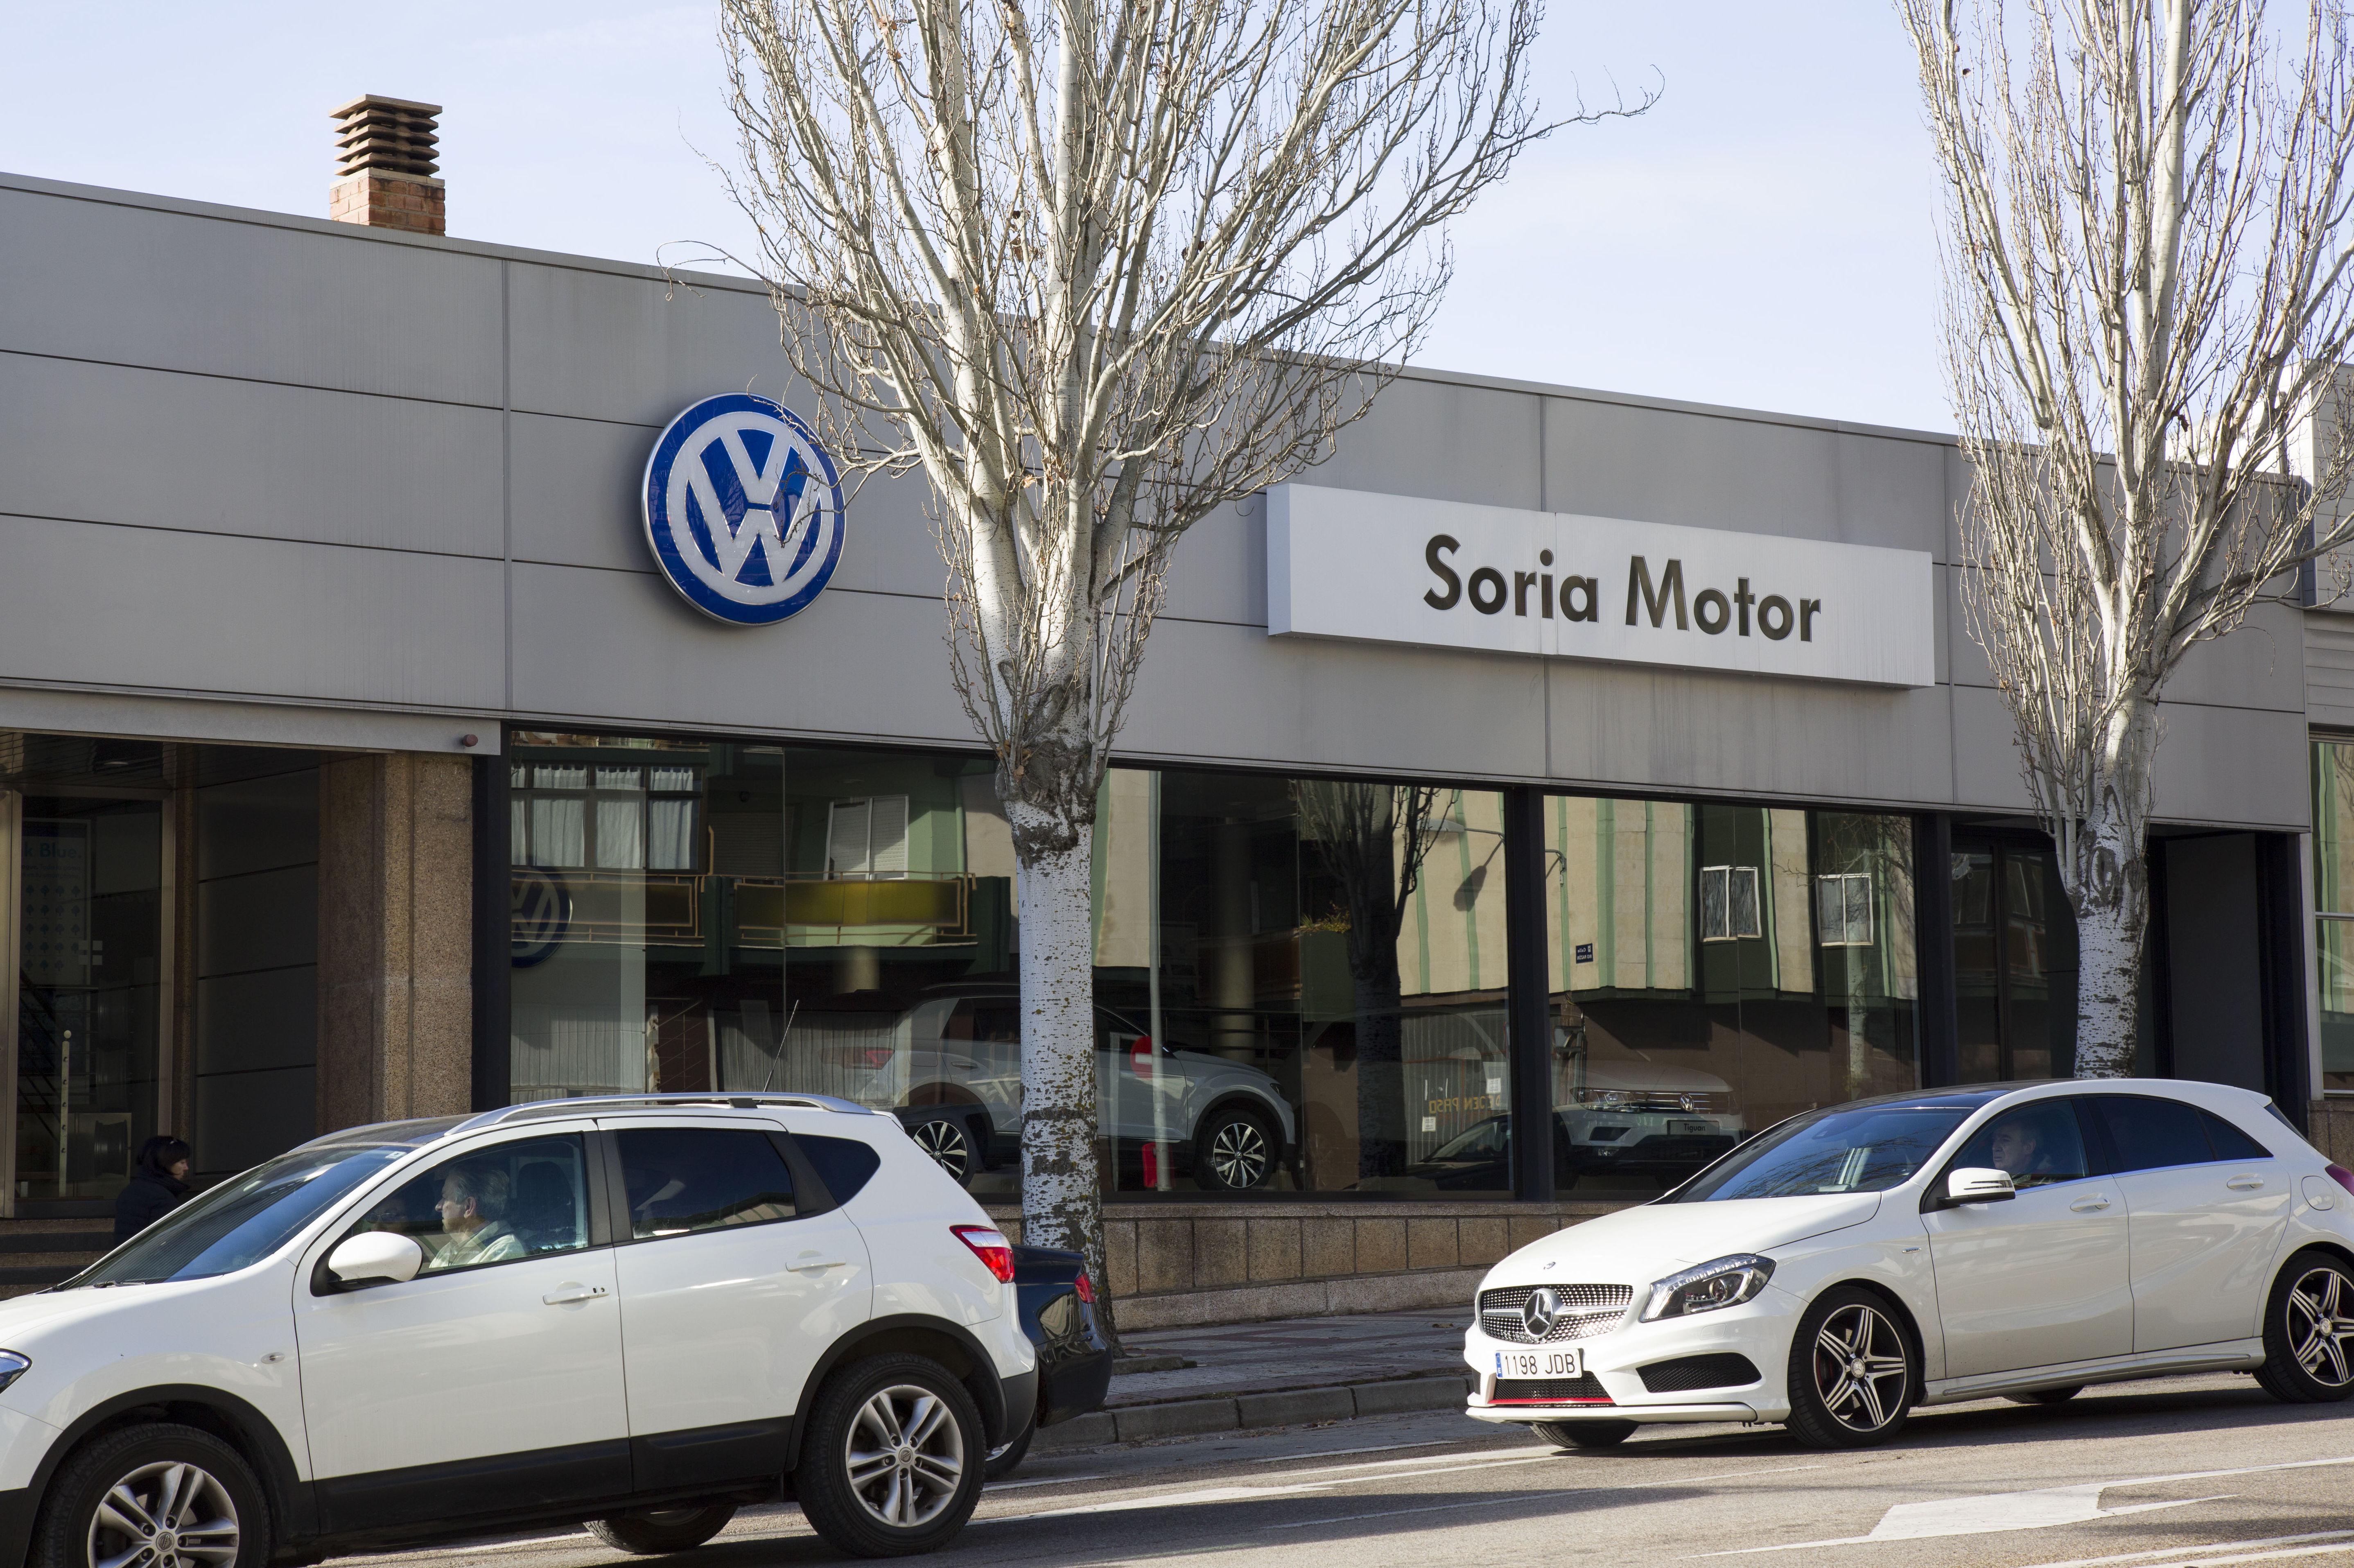 Foto 9 de Concecionario de coches con más de 30 años de experiencia en Soria | Soria Motor